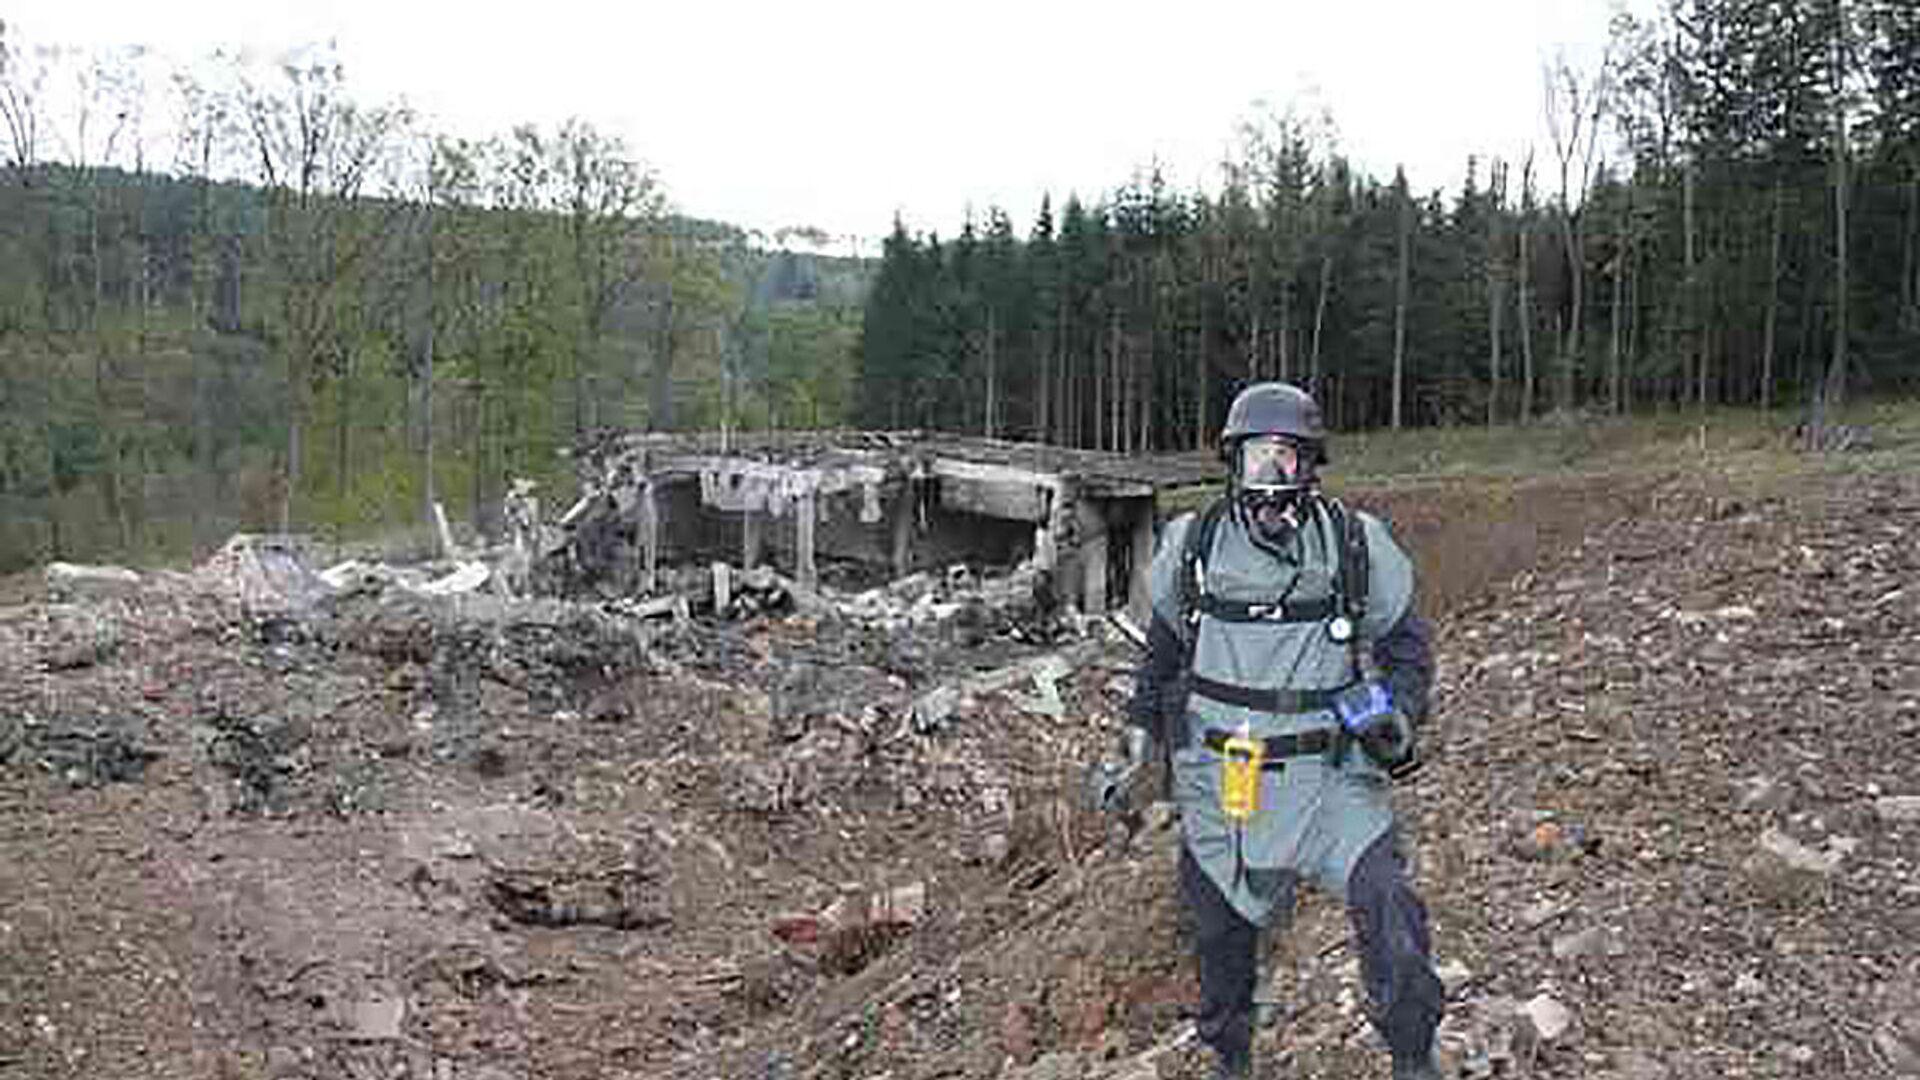 Výbuch ve skladu munice ve Vrběticích - Sputnik Česká republika, 1920, 09.05.2021